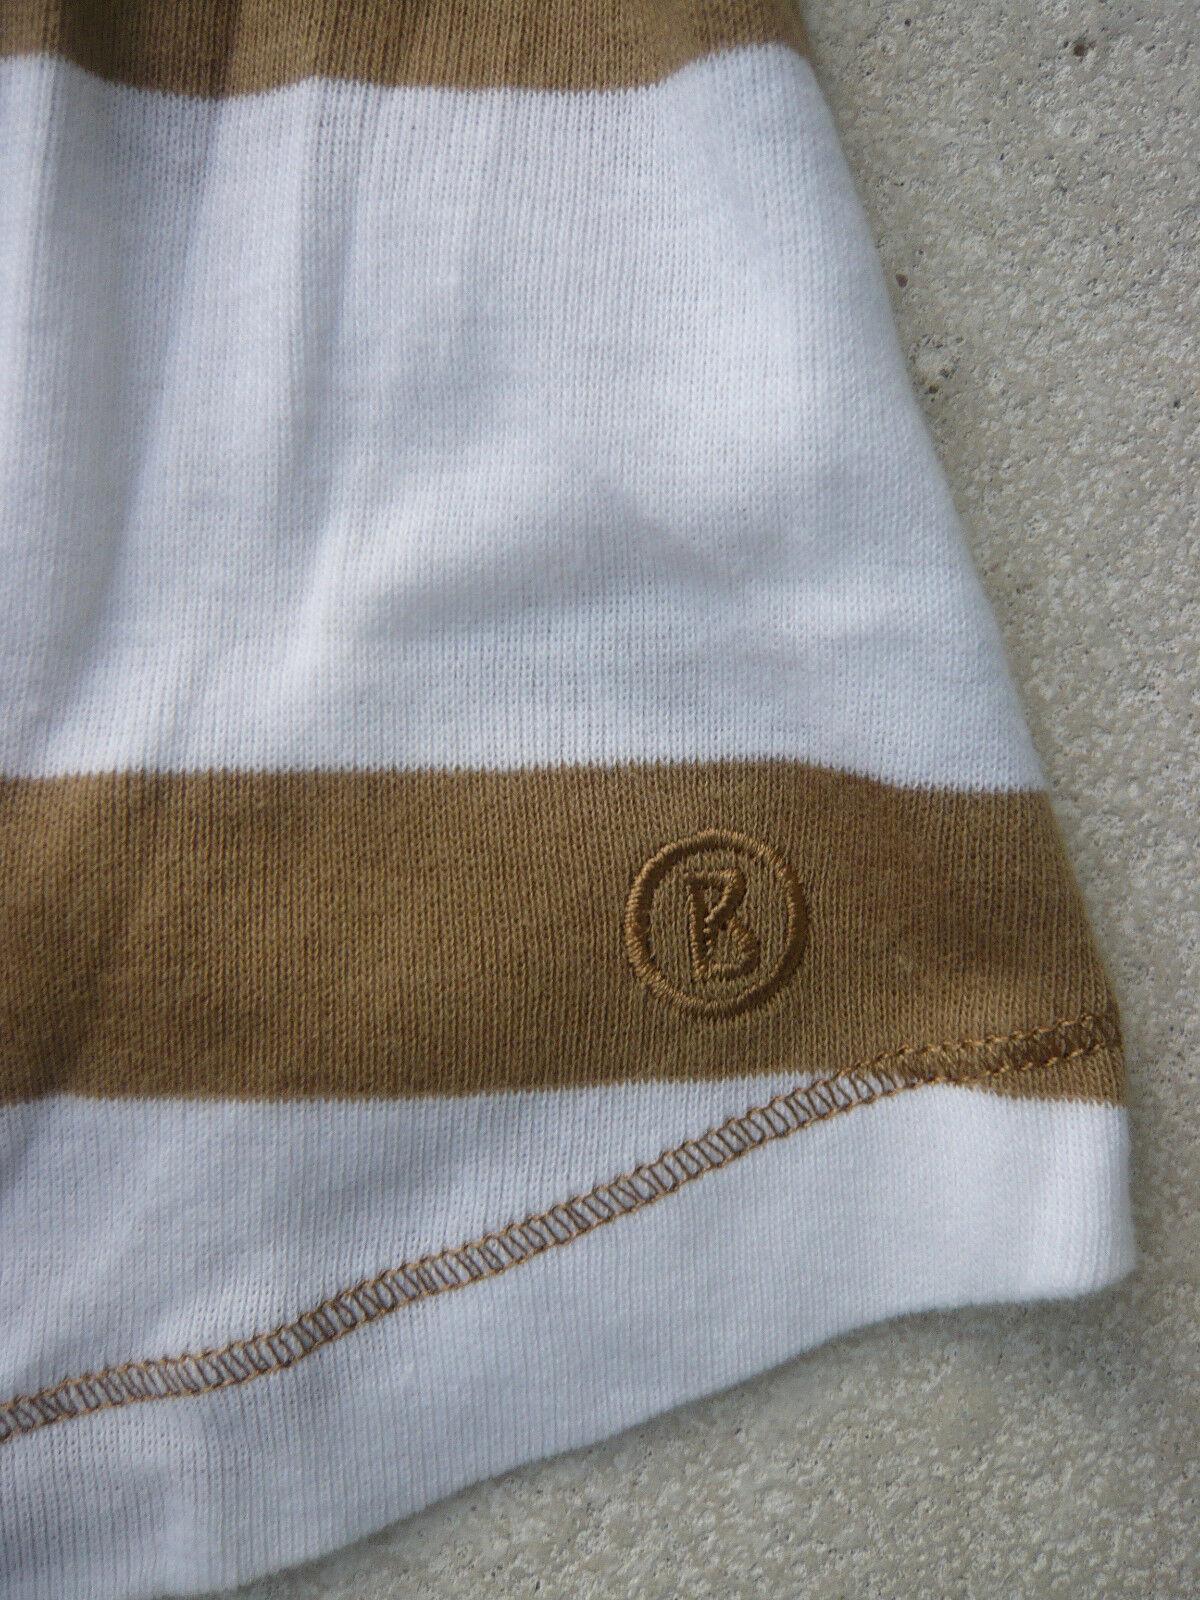 139e83a54d7bc1 ... Bogner Bogner Bogner T-Shirt 3 4arm Gr. 38 Baumwolle weiss camel  gestreift Rundhals ...